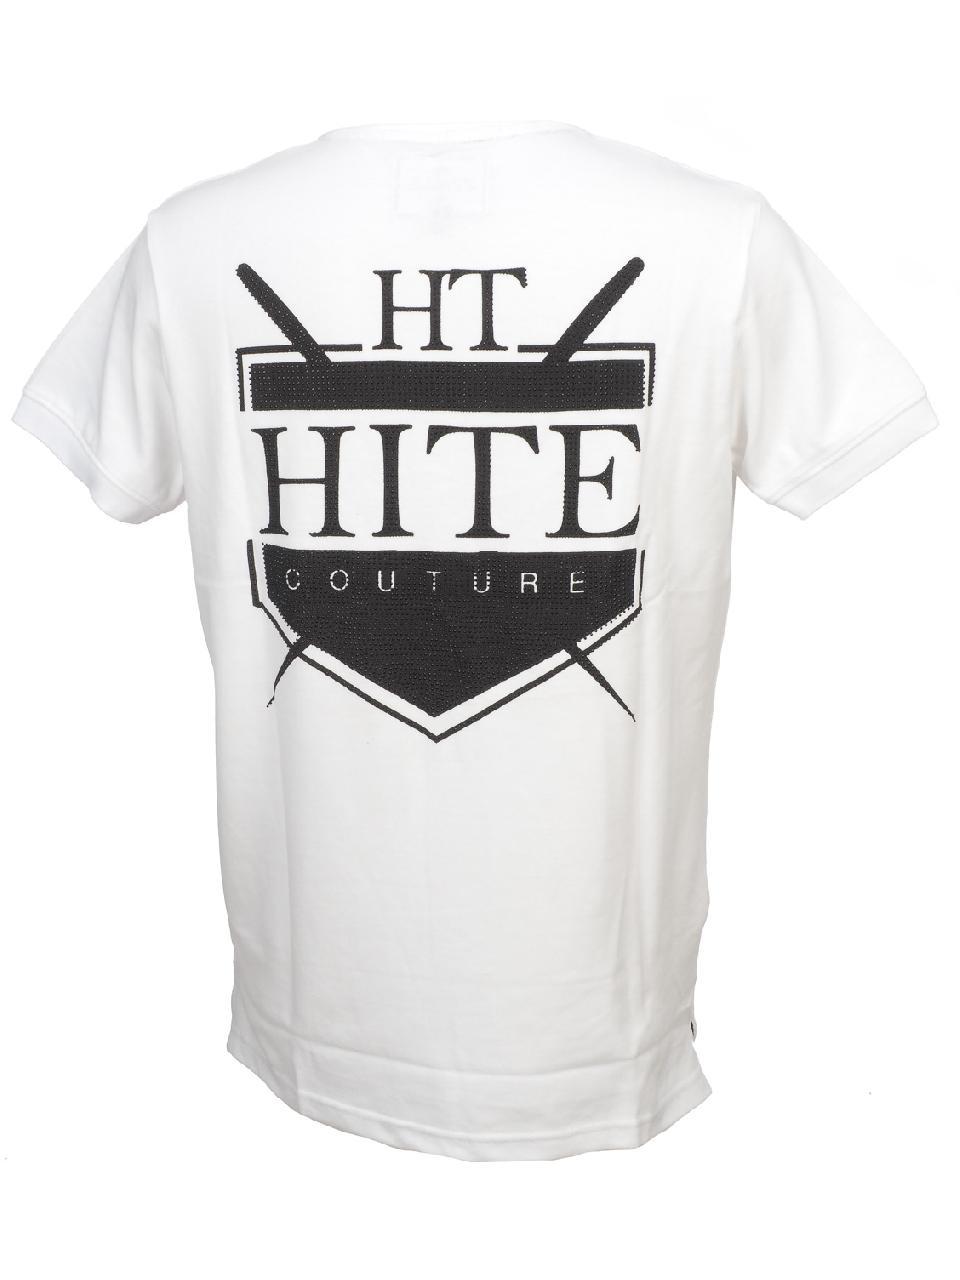 Short-Sleeve-Polo-Hite-Couture-Peltit-White-Mc-Polo-White-83128-New thumbnail 5